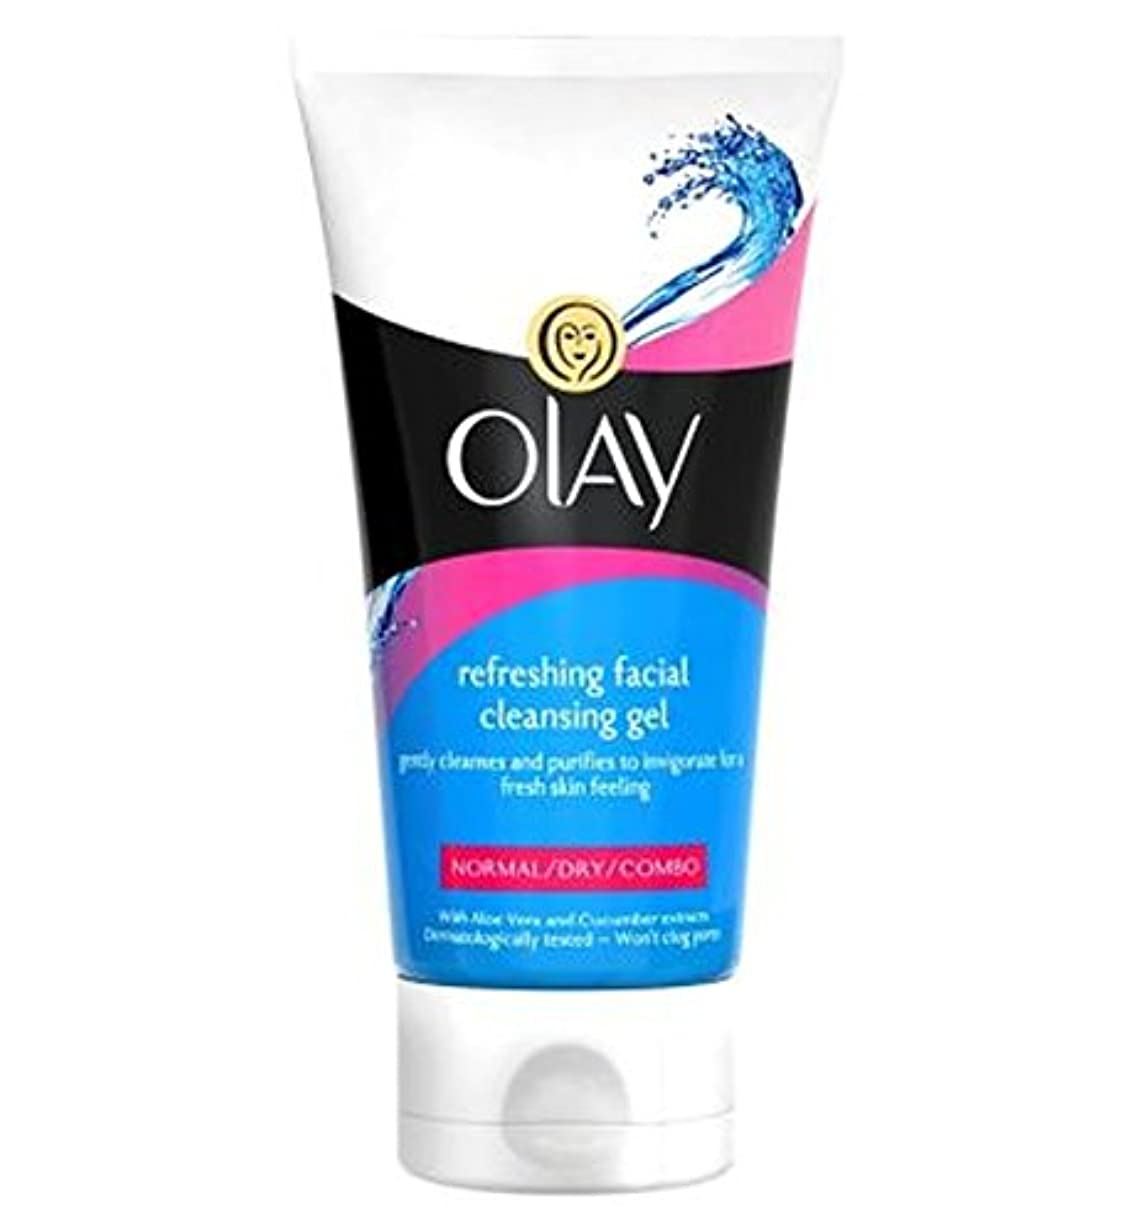 汗事件、出来事ラテンオーレイさわやかな洗顔ジェル150Ml (Olay) (x2) - Olay Refreshing Facial Cleansing Gel 150ml (Pack of 2) [並行輸入品]